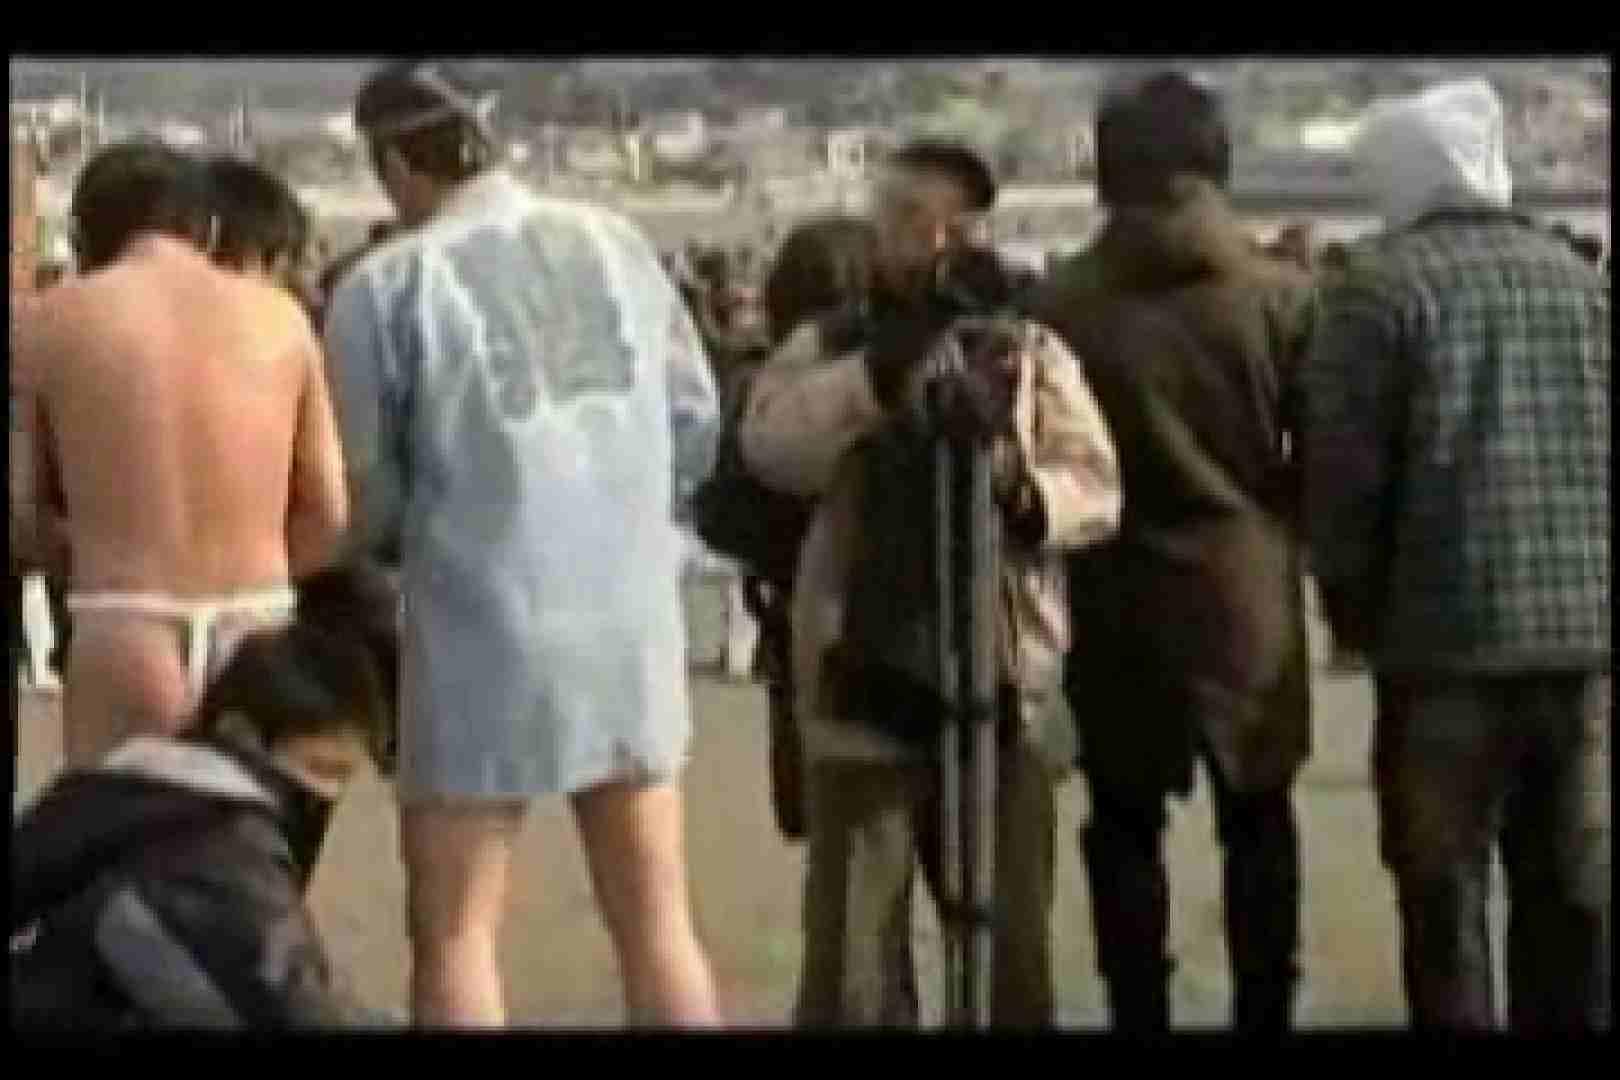 陰間茶屋 男児祭り VOL.1 野外露出 ゲイ素人エロ画像 66枚 55